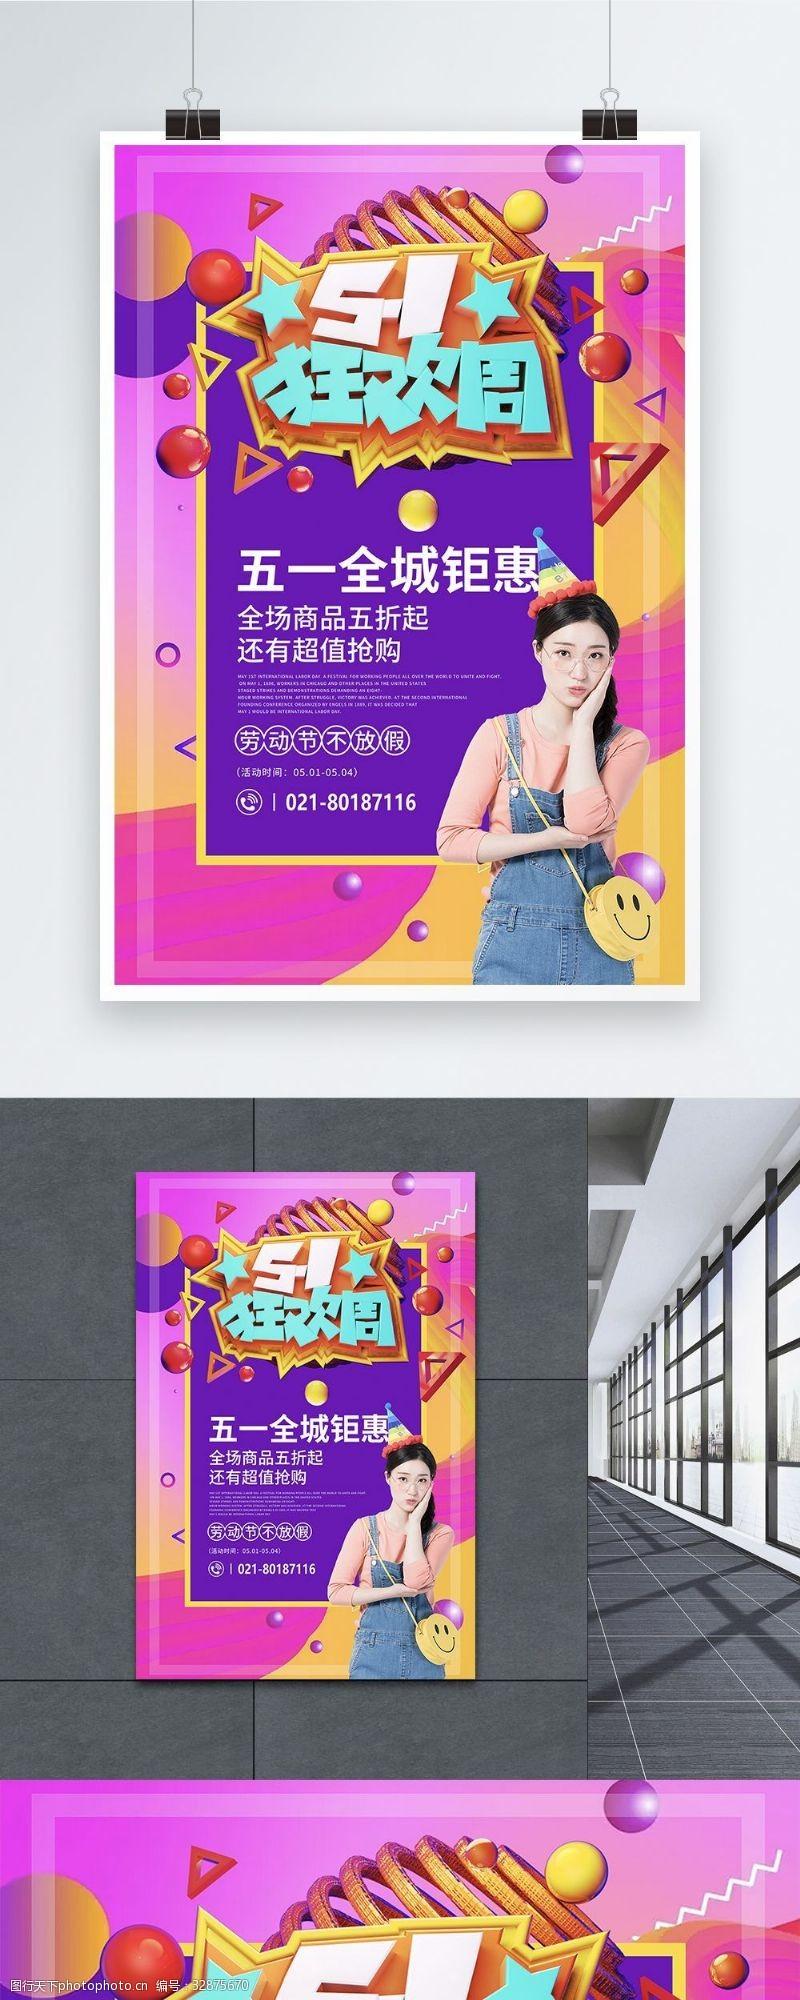 低价促销炫彩五一狂欢周立体字促销海报